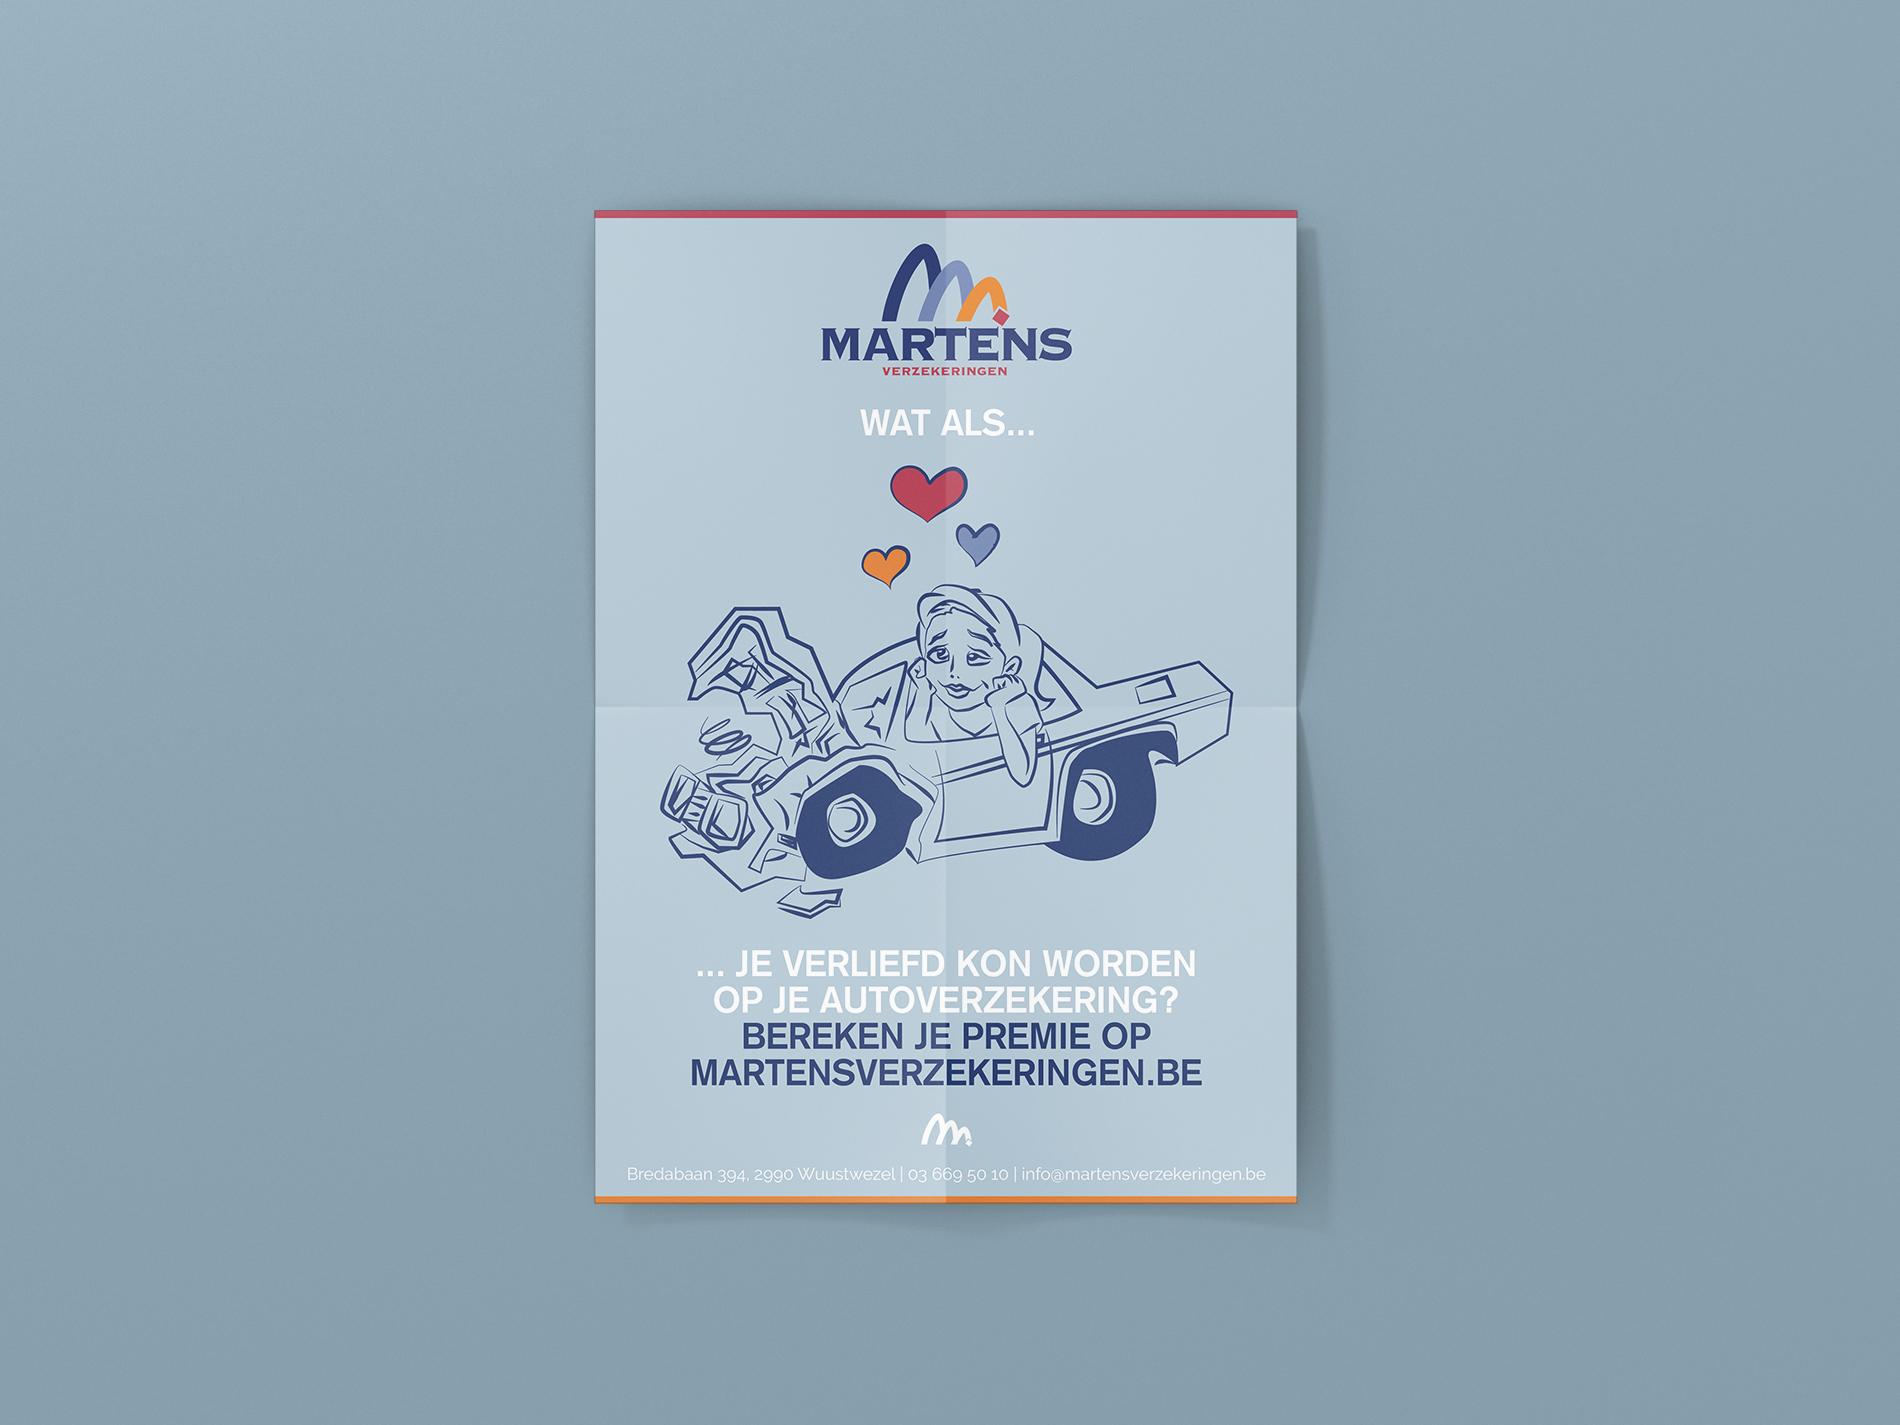 Martens verzekeringen Wat als ...